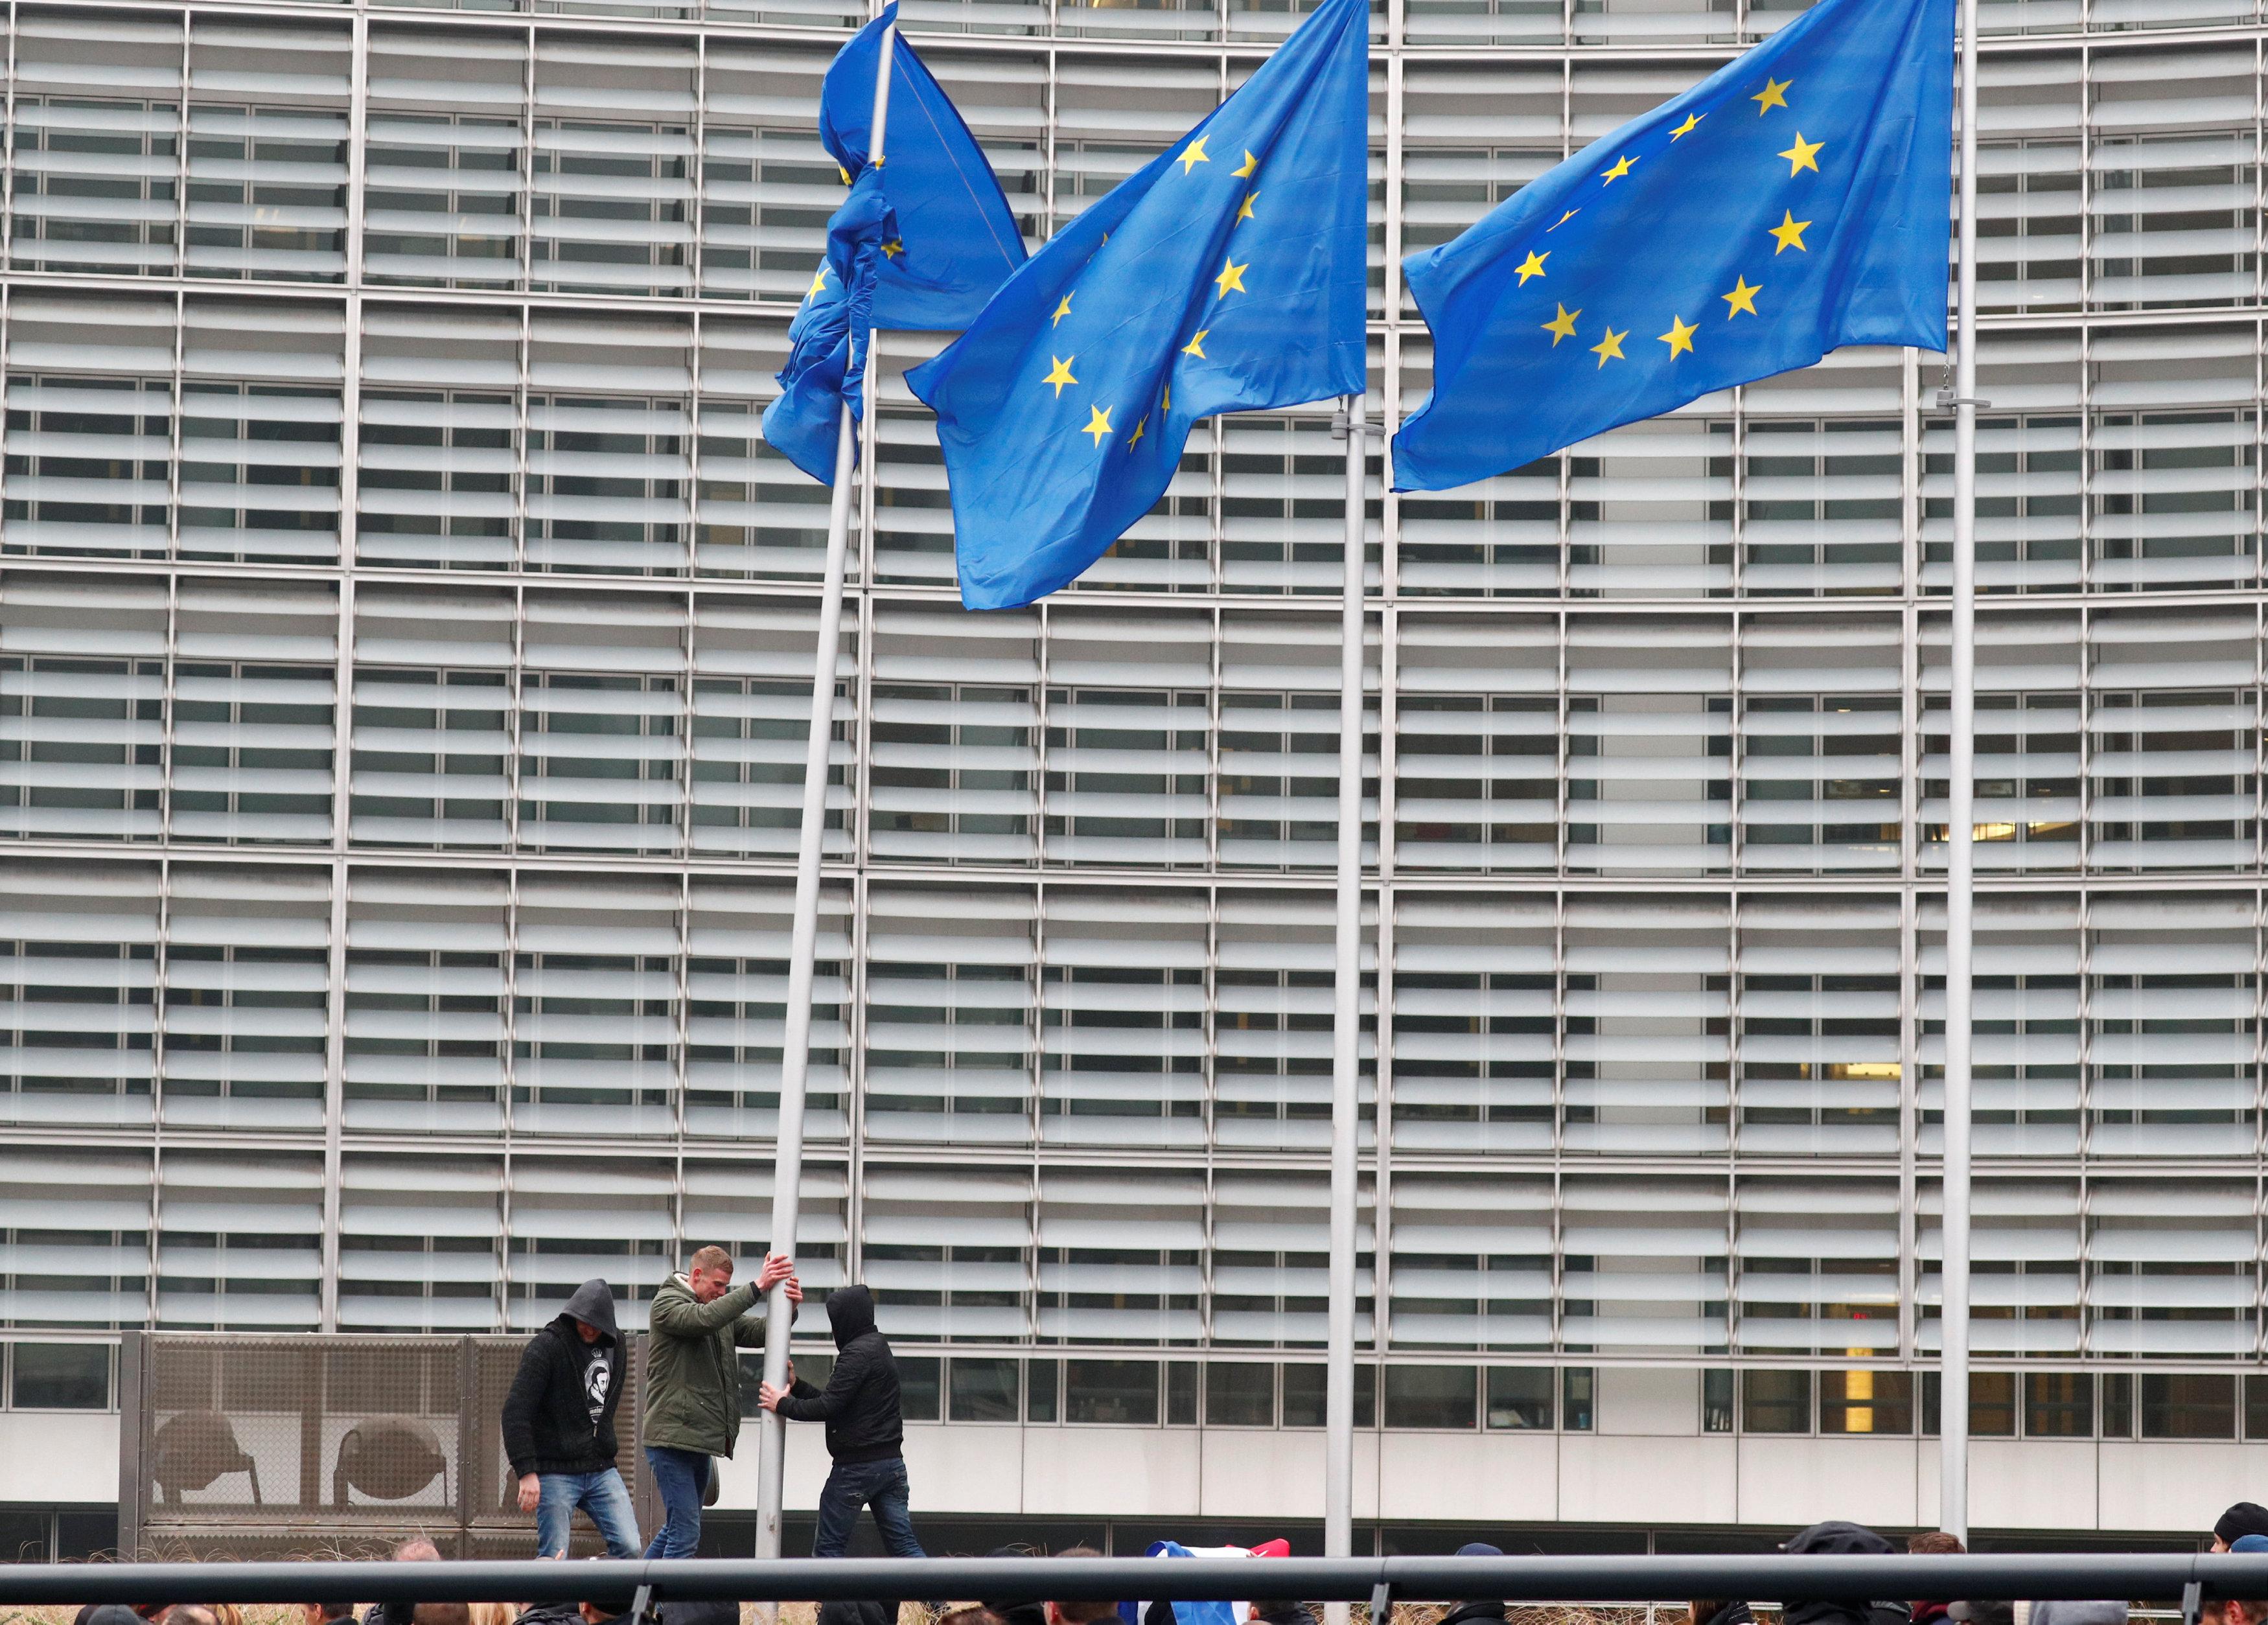 محاولات نزع علم الاتحاد الأوروبى